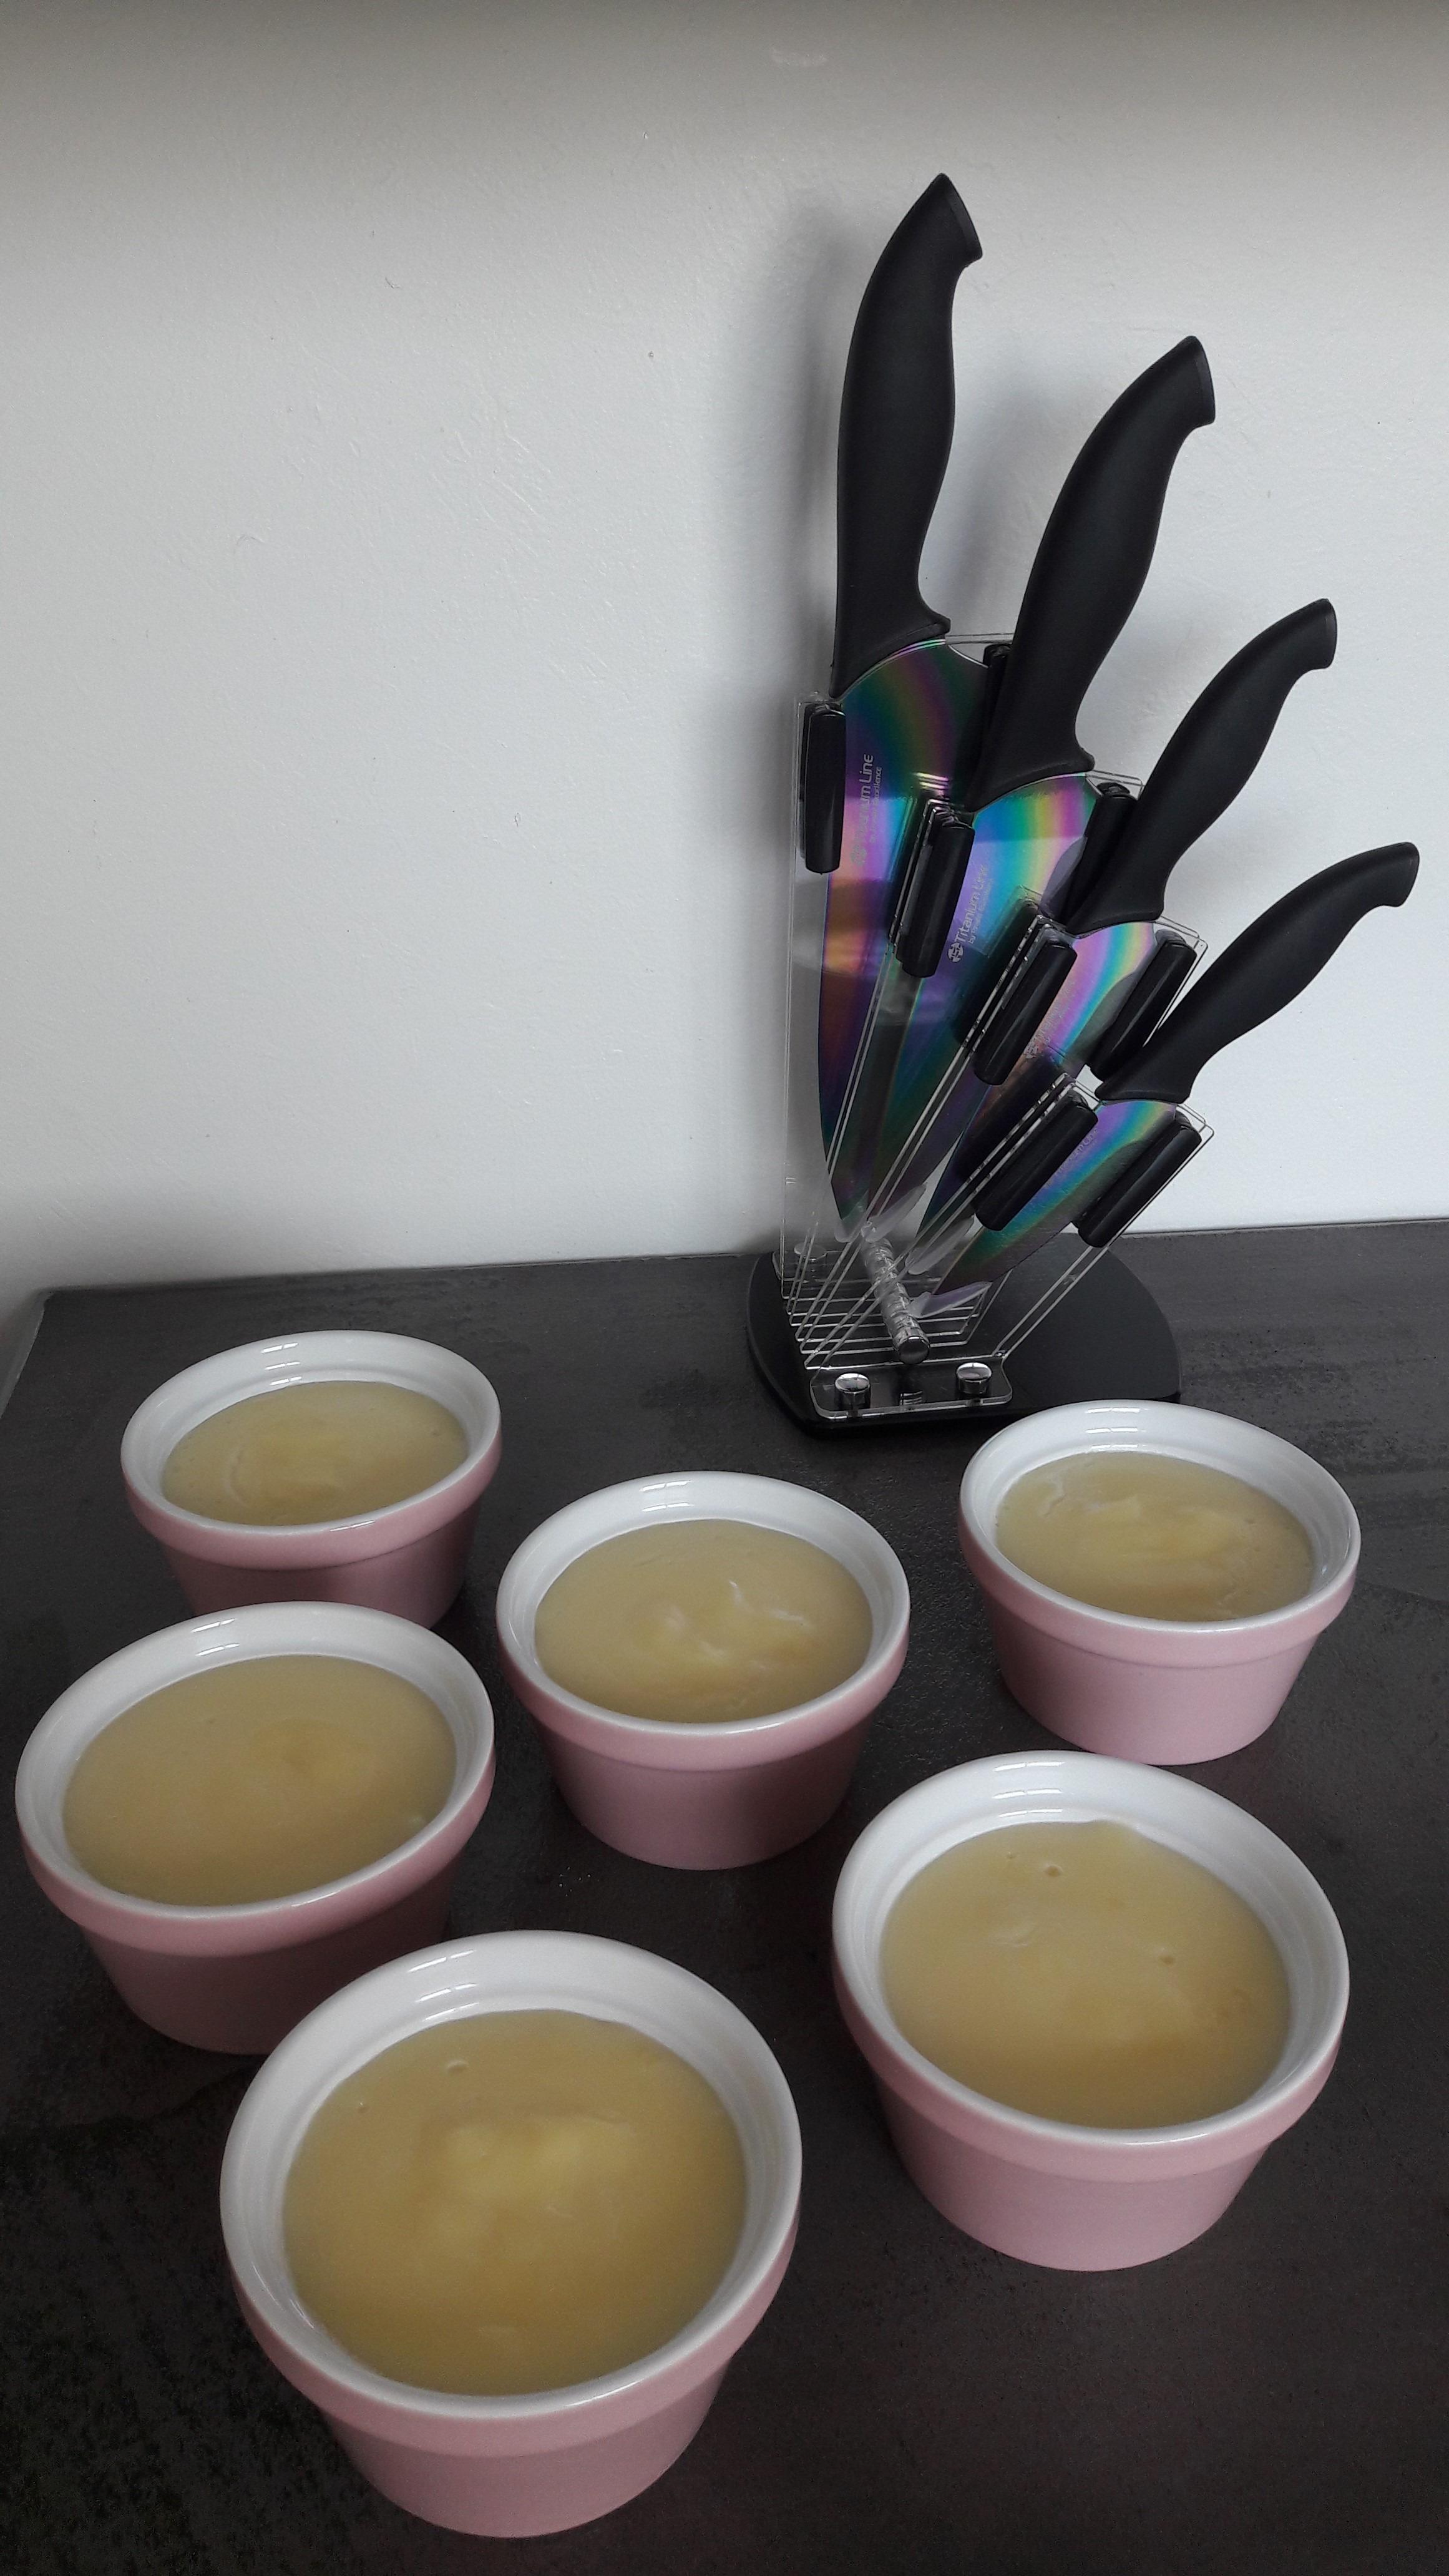 crèmes vanille dans ramequins roses Zodio et couteaux multicolores avec son support